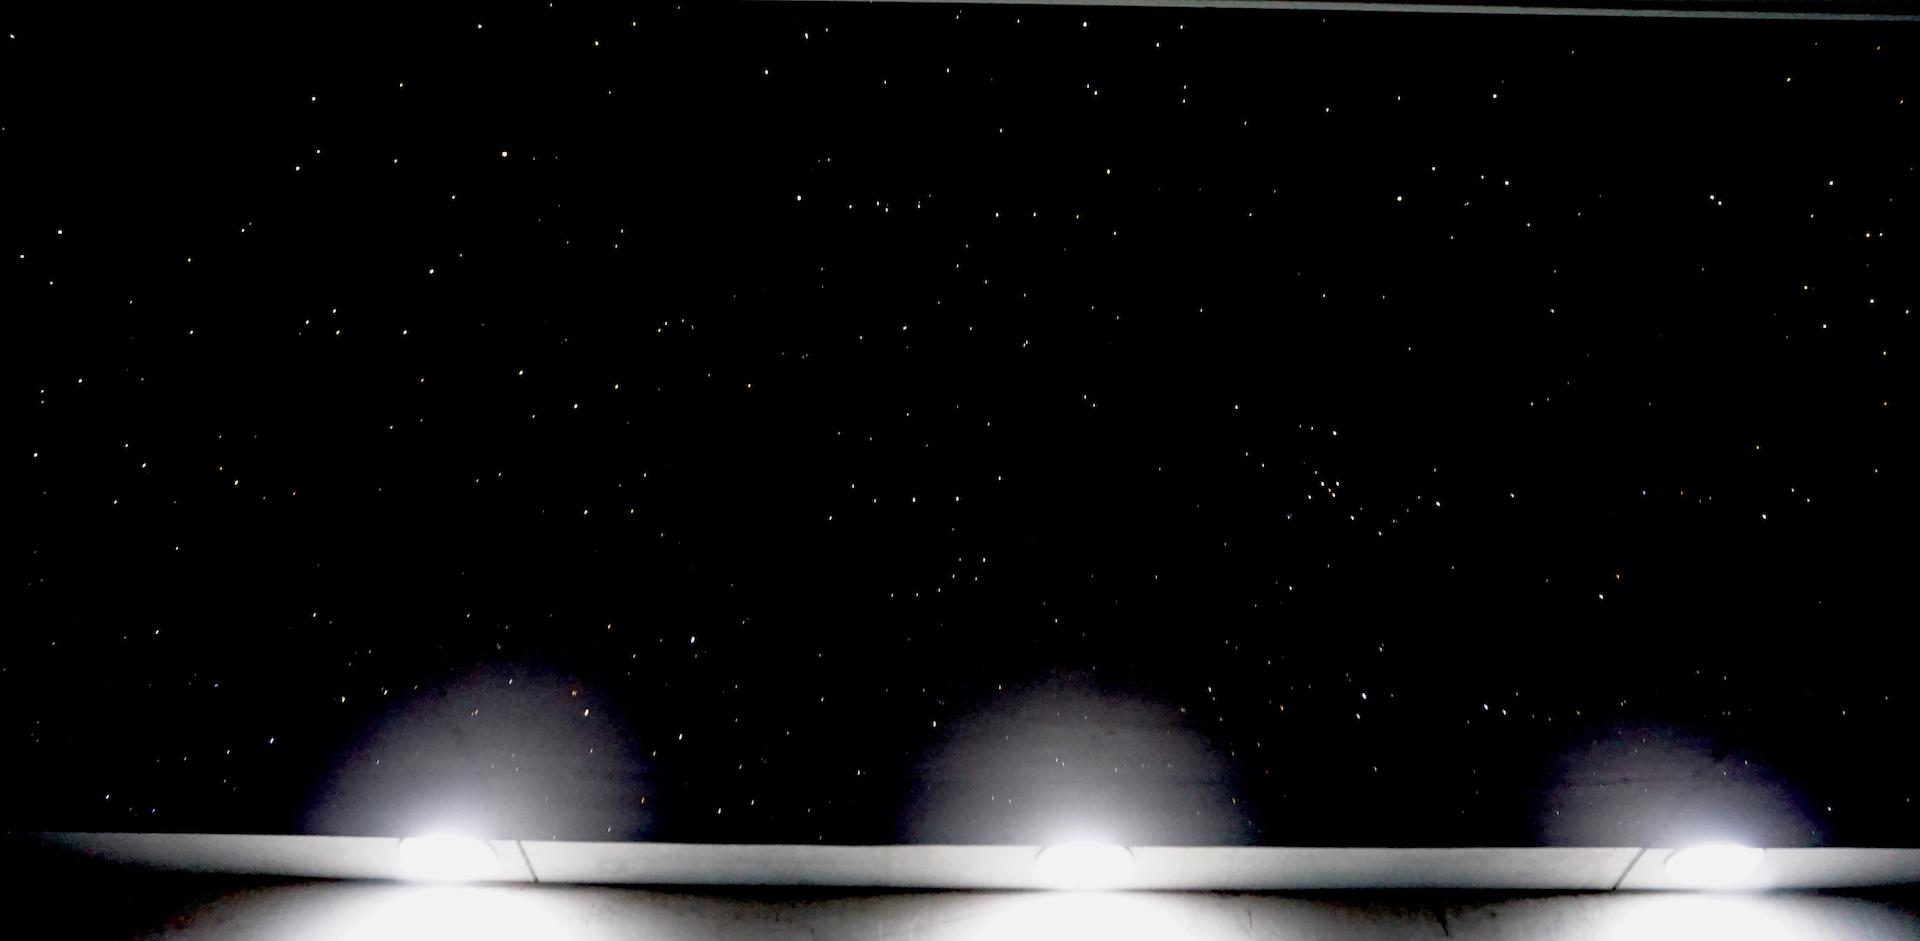 plafond étoilé ciel etoile fibre optic led chambre salle de bain sauna spa piscine mycosmos voies lactées etoiler etoiles filantes voie lactee photos image